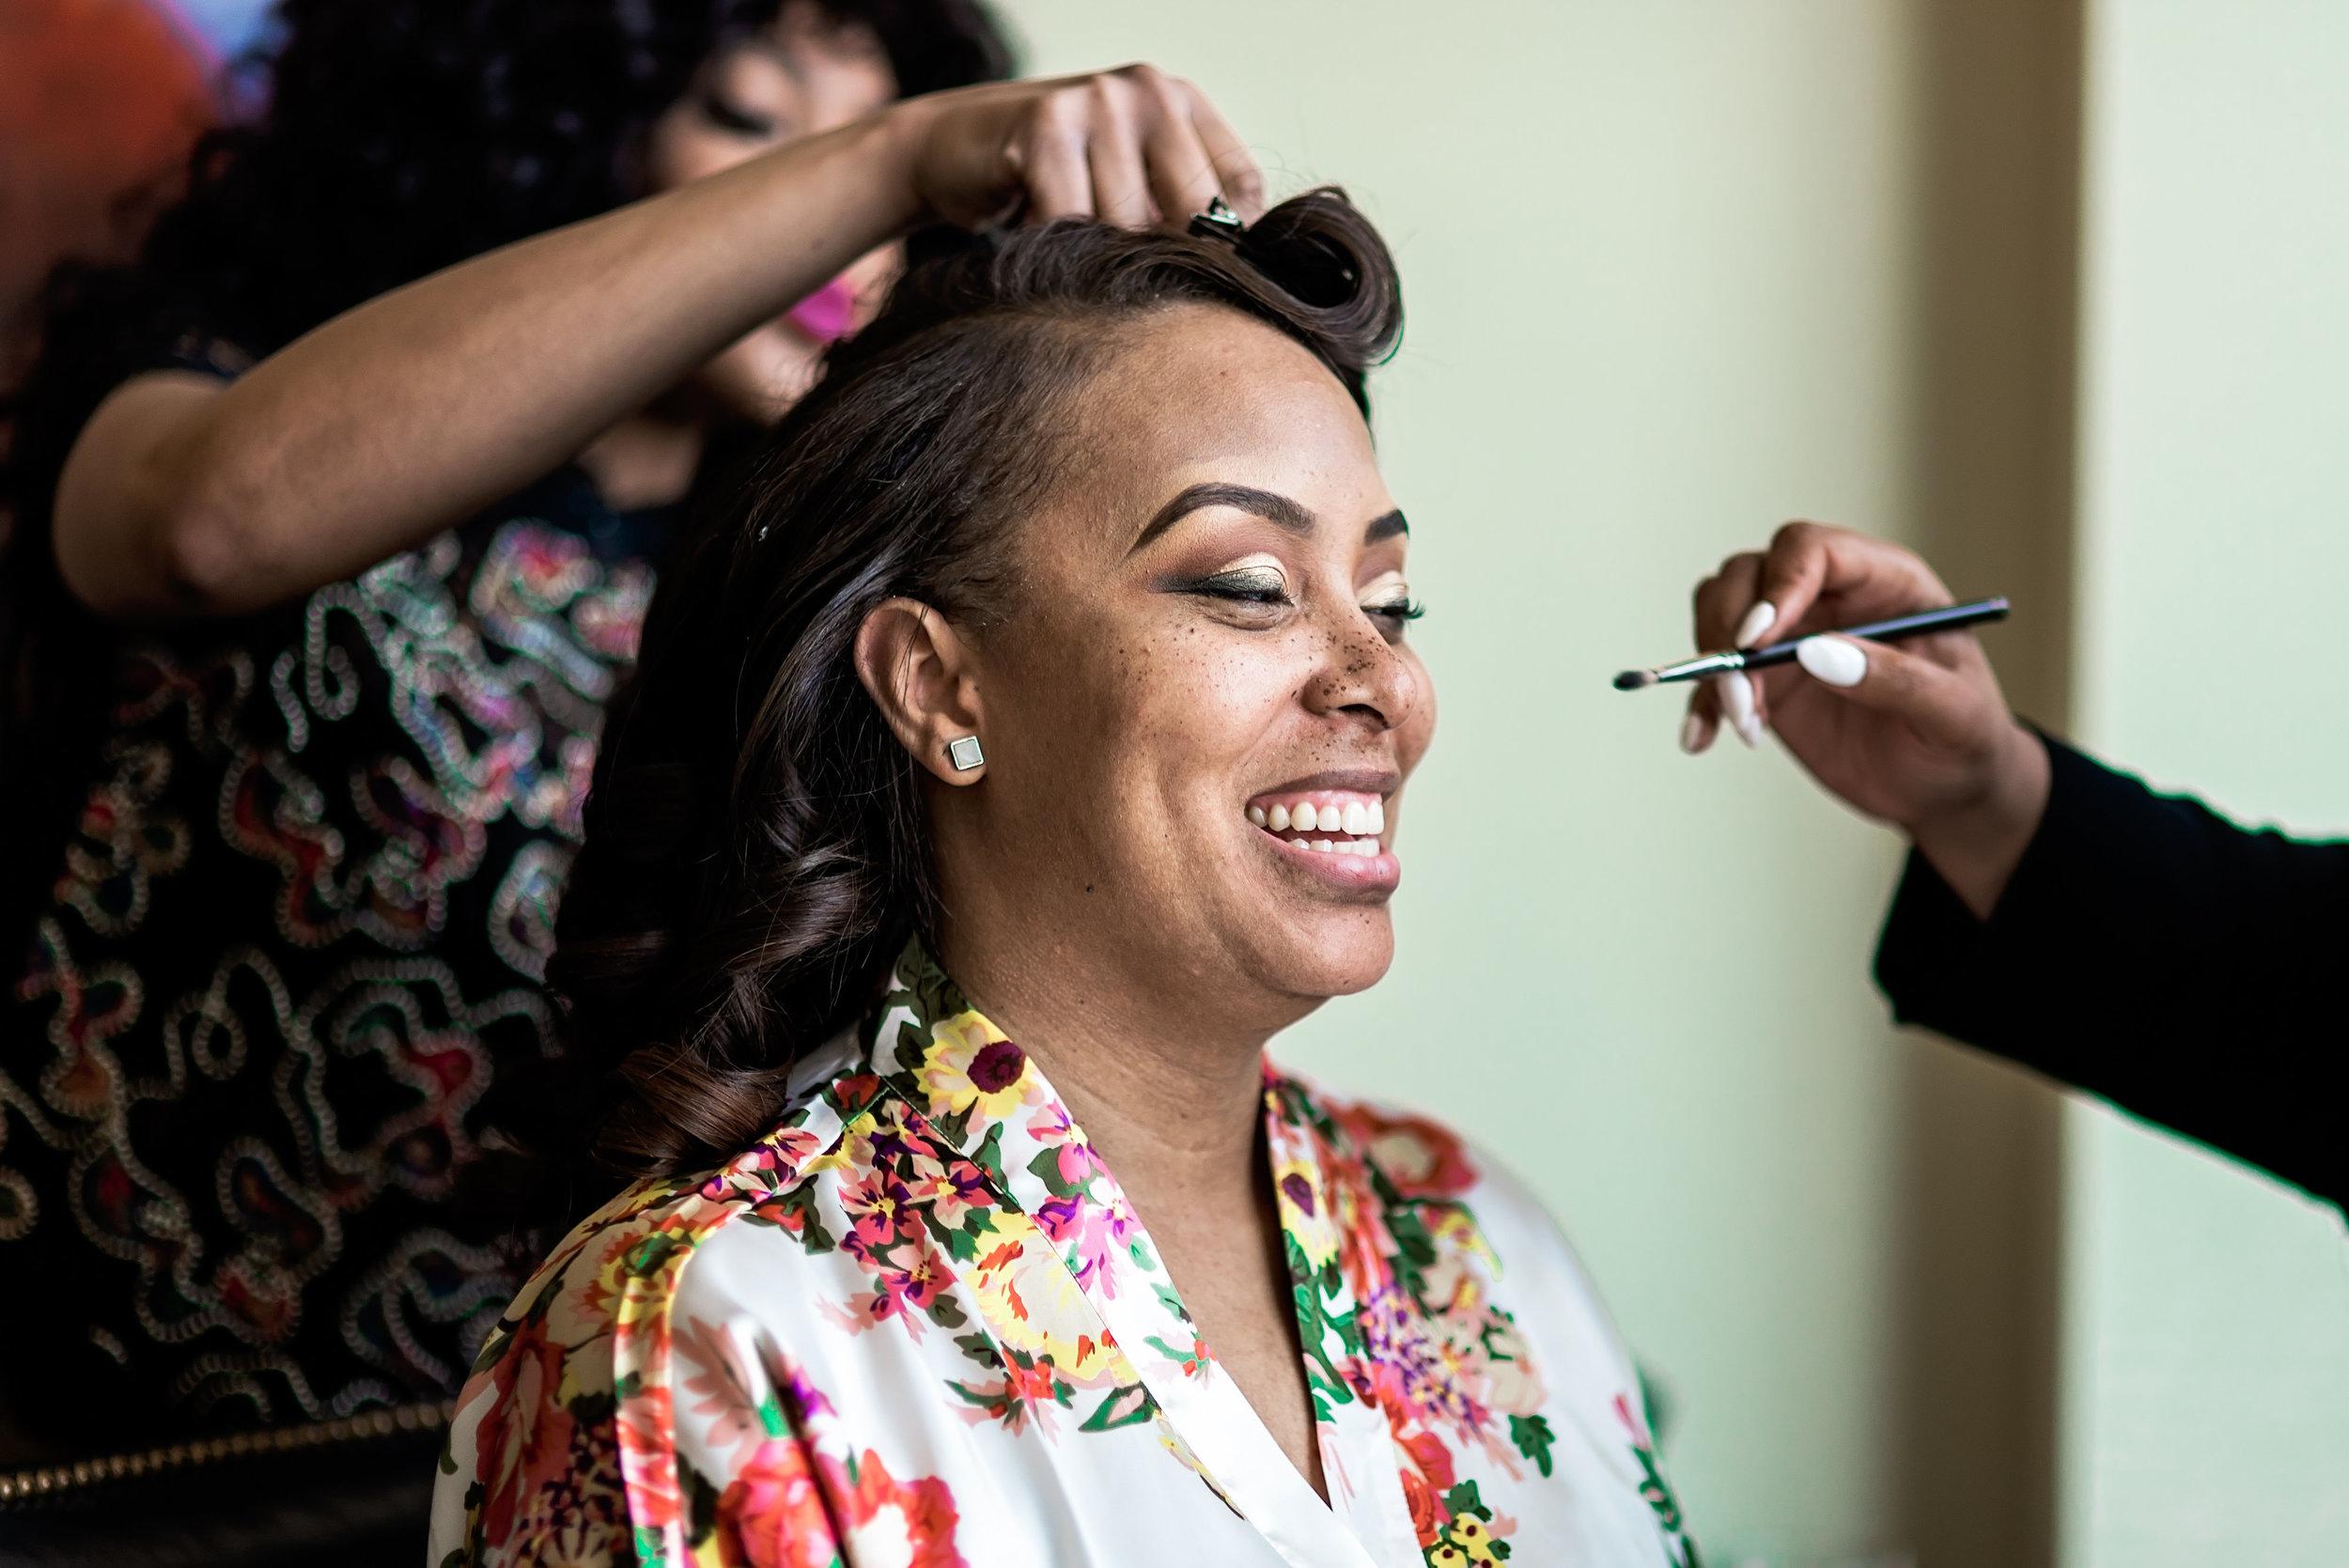 Dallas Wedding, Pharris Photography, Dorian + Chauncy, Bride, Getting Ready